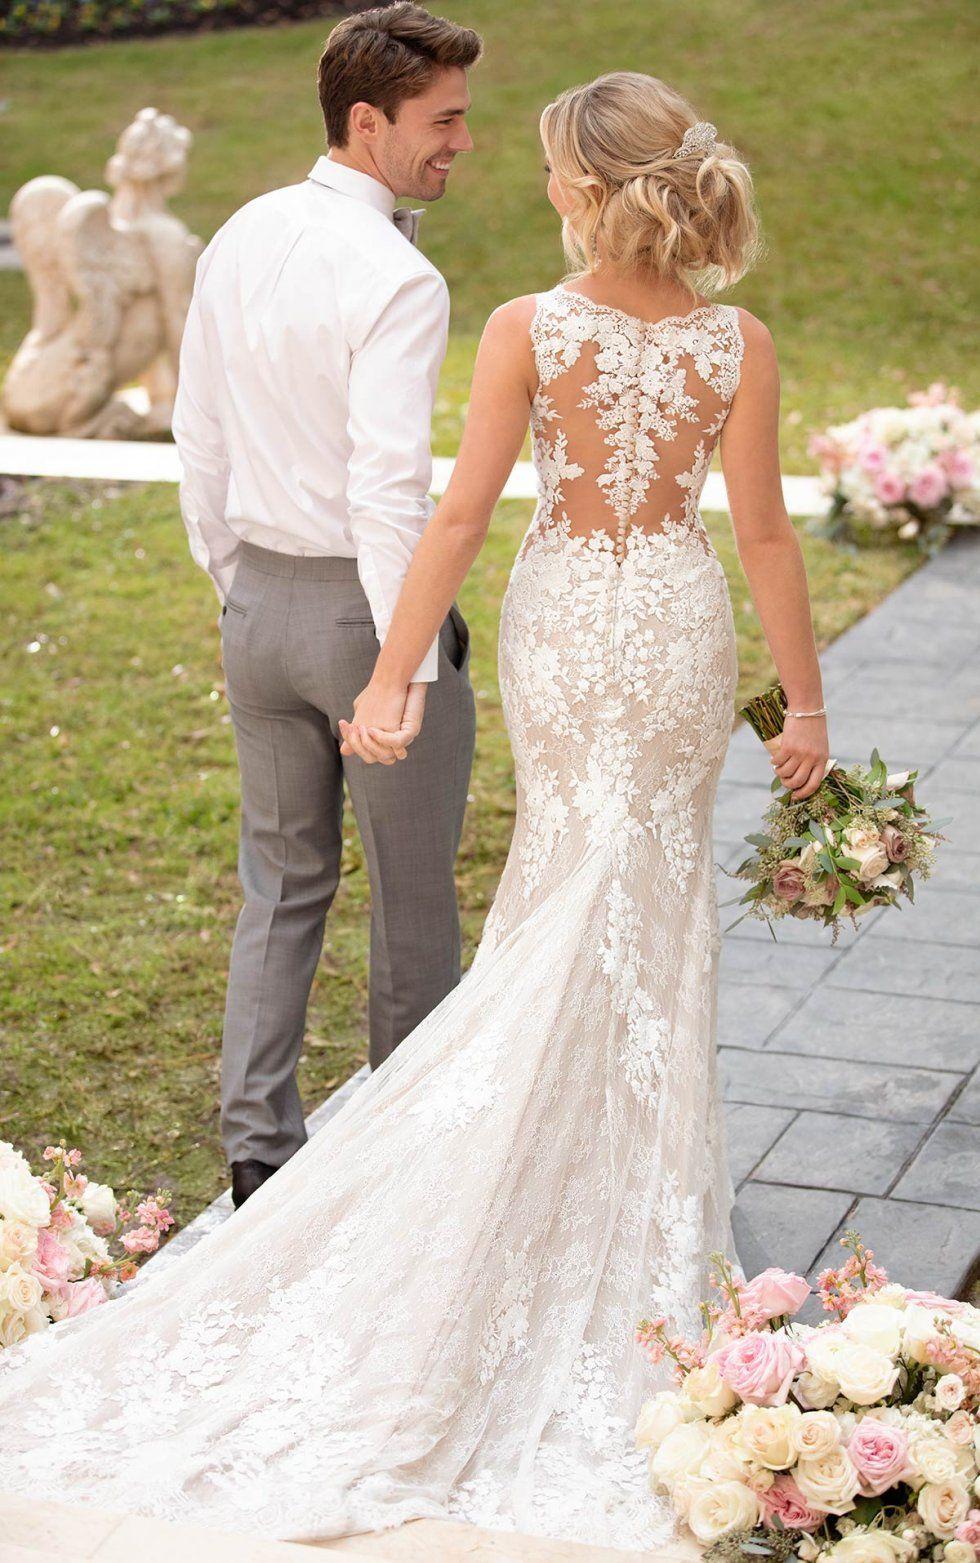 Vintage Wedding Dress With Unique Lace Details Stella York Wedding Dresses In 2020 Ivory Wedding Dress Mermaid Wedding Dresses Bridal Dresses Lace